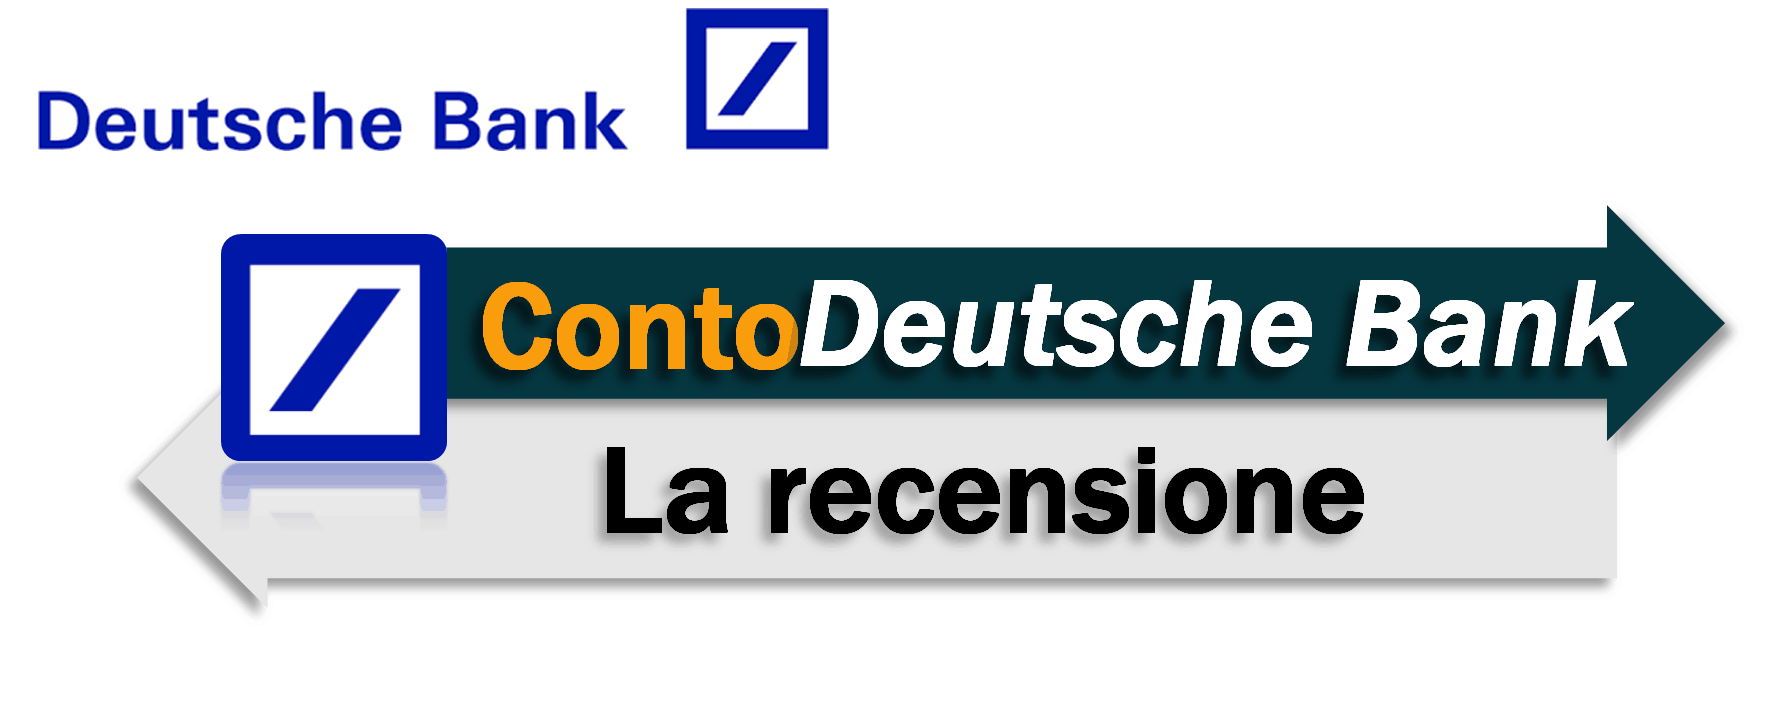 Conto Corrente Deutsche Bank: la recensione completa